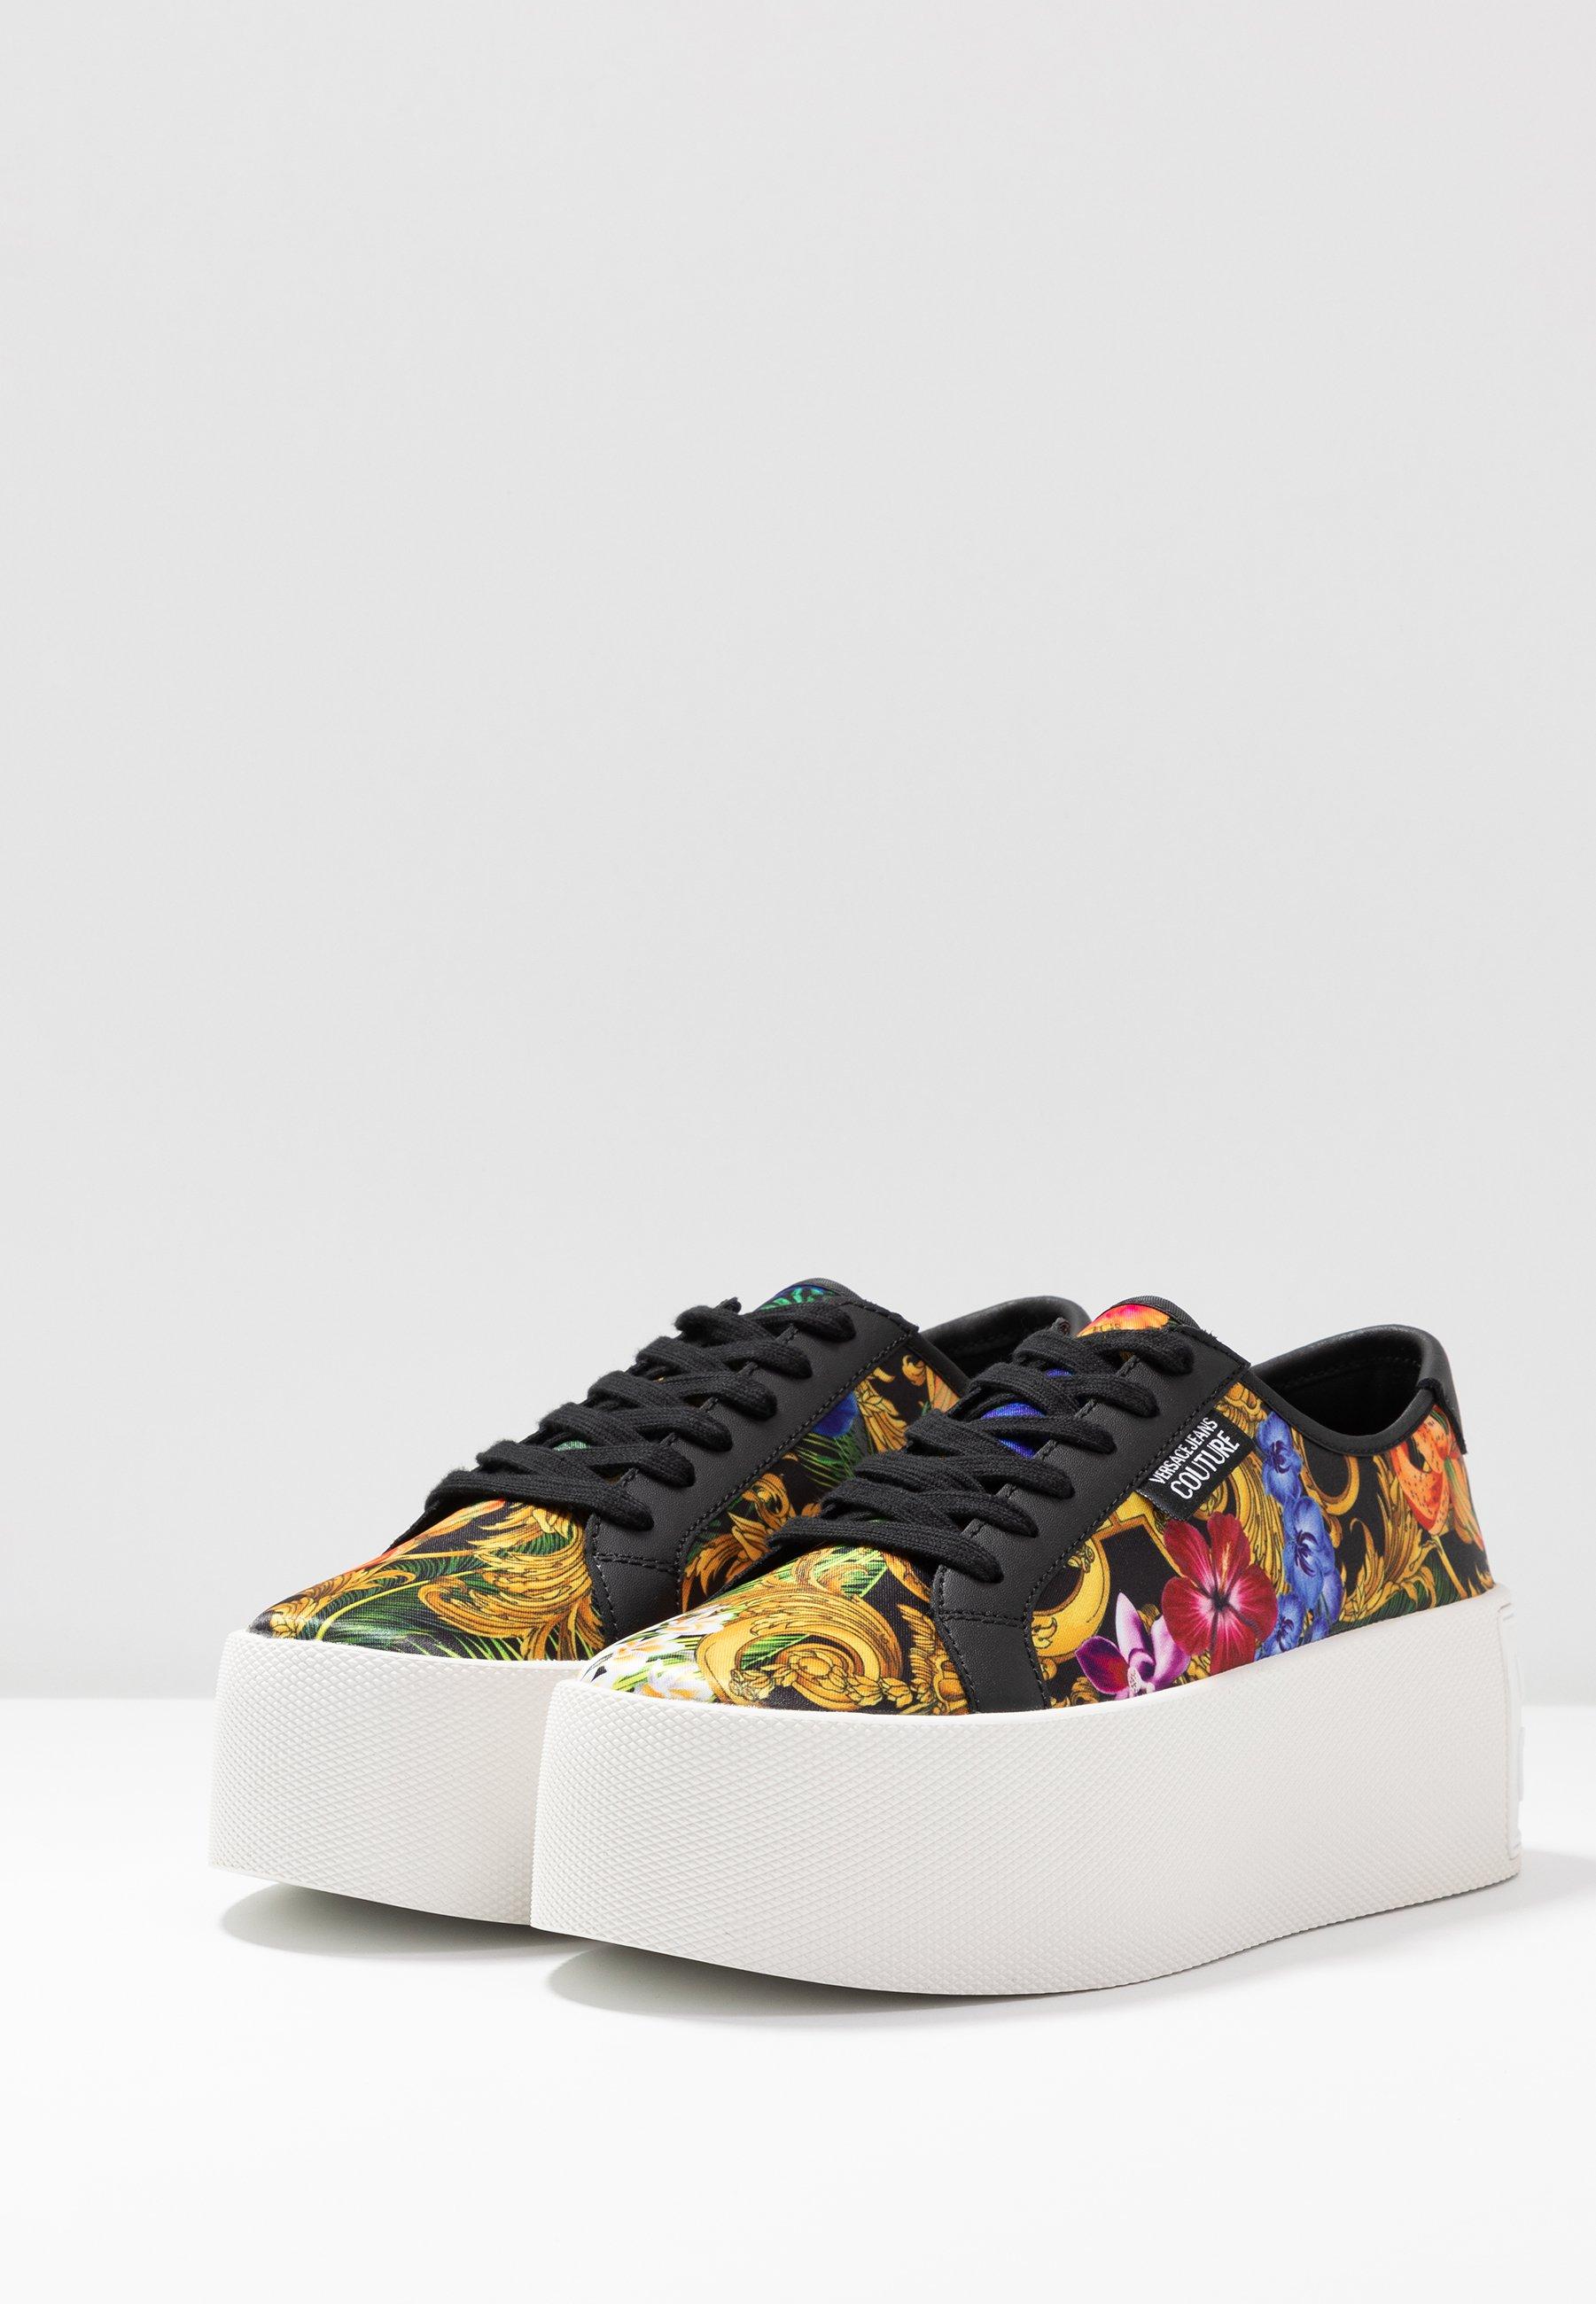 Versace Joggesko multicolor Zalando.no